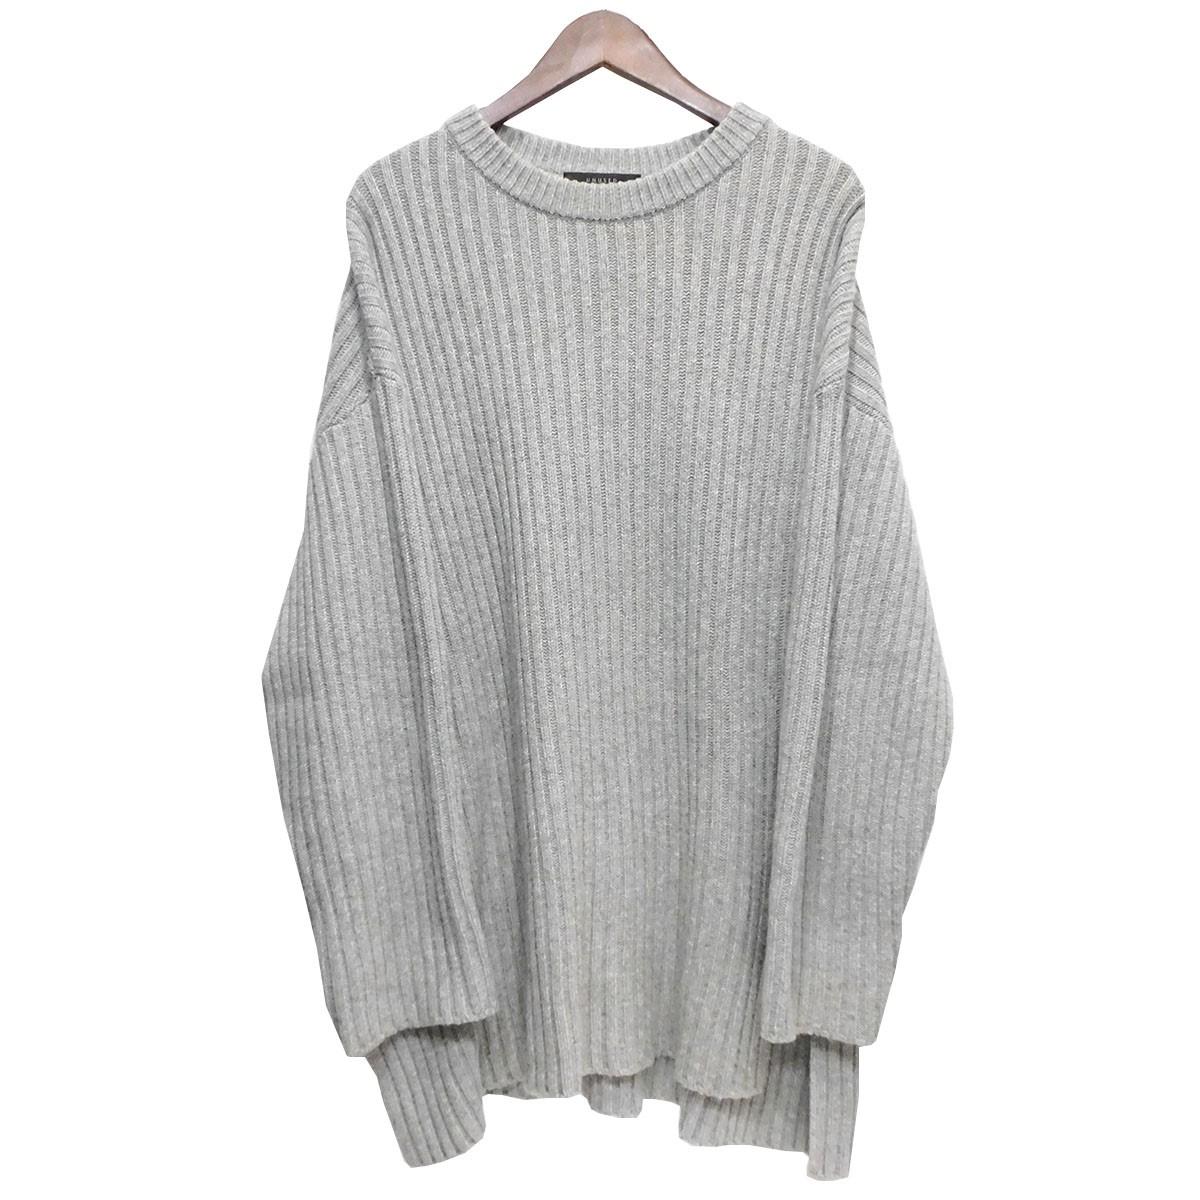 【中古】UNUSED 「5G Crew Neck Knit Sweater」 クルーネックニット グレー サイズ:3 【020420】(アンユーズド)